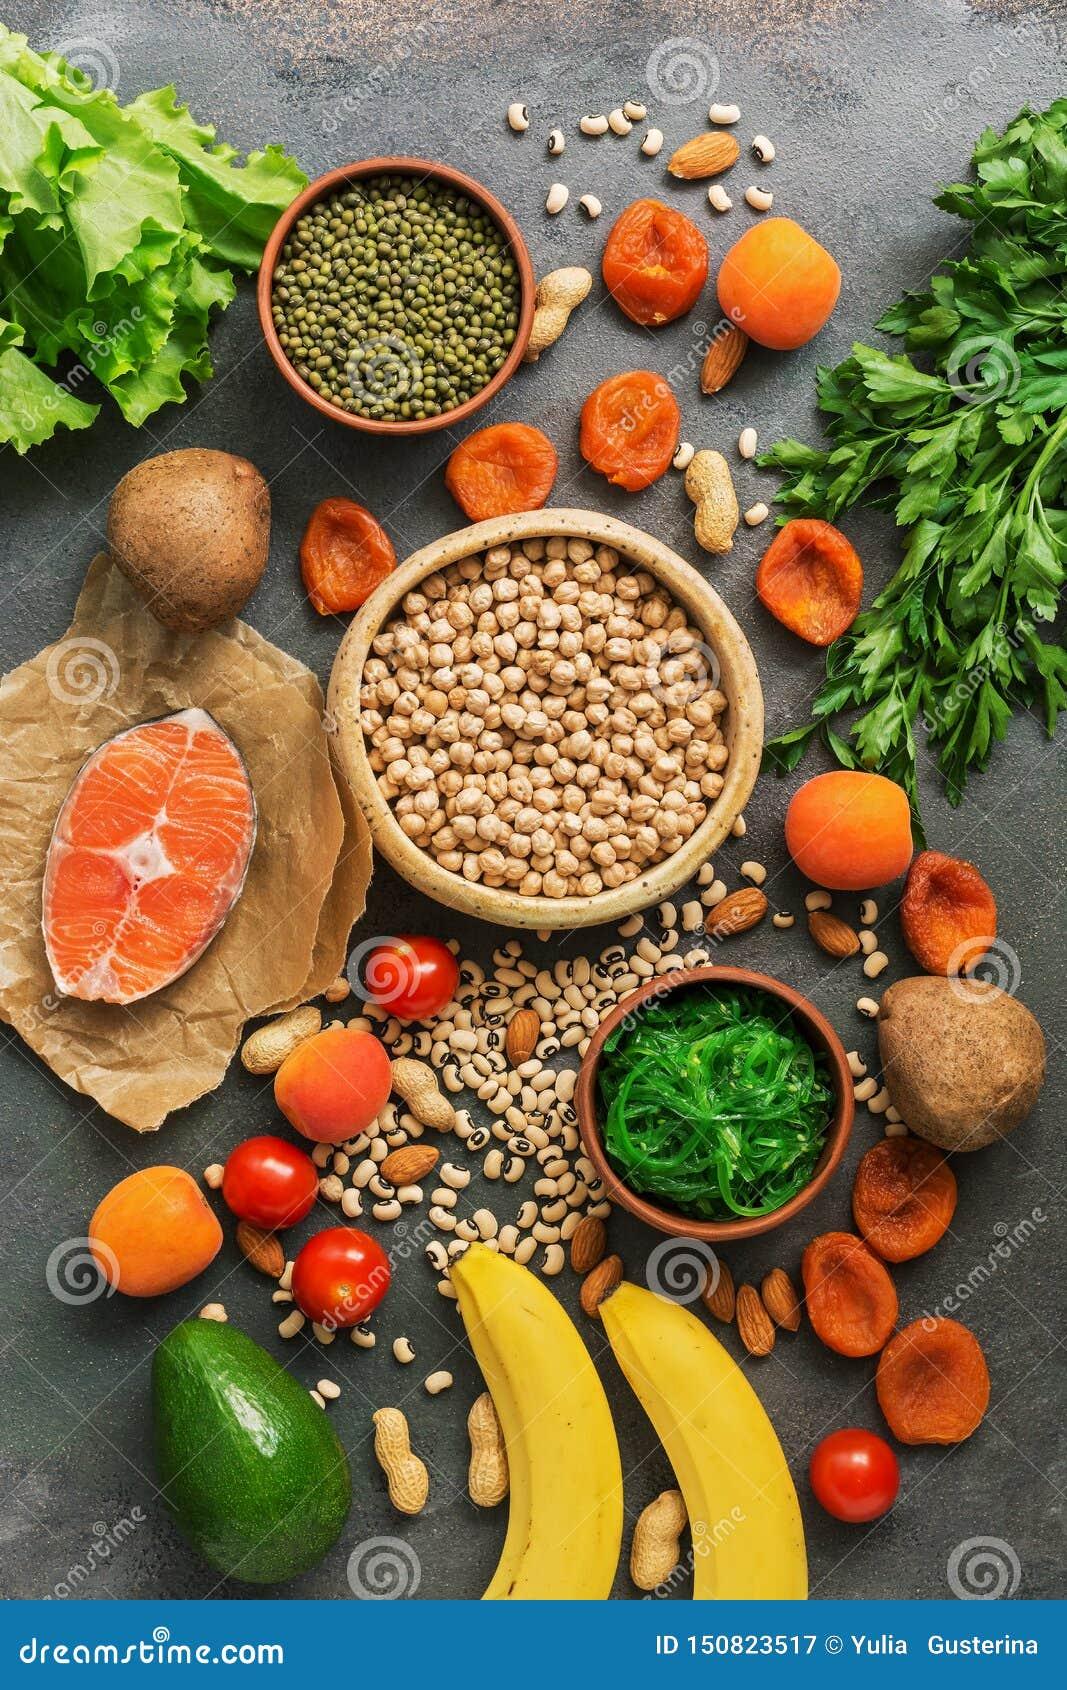 Alimentos saud?veis altos no pot?ssio Uma variedade de leguminosa, salm?es, frutos, vegetais, abric?s secados, chuka da alga e po